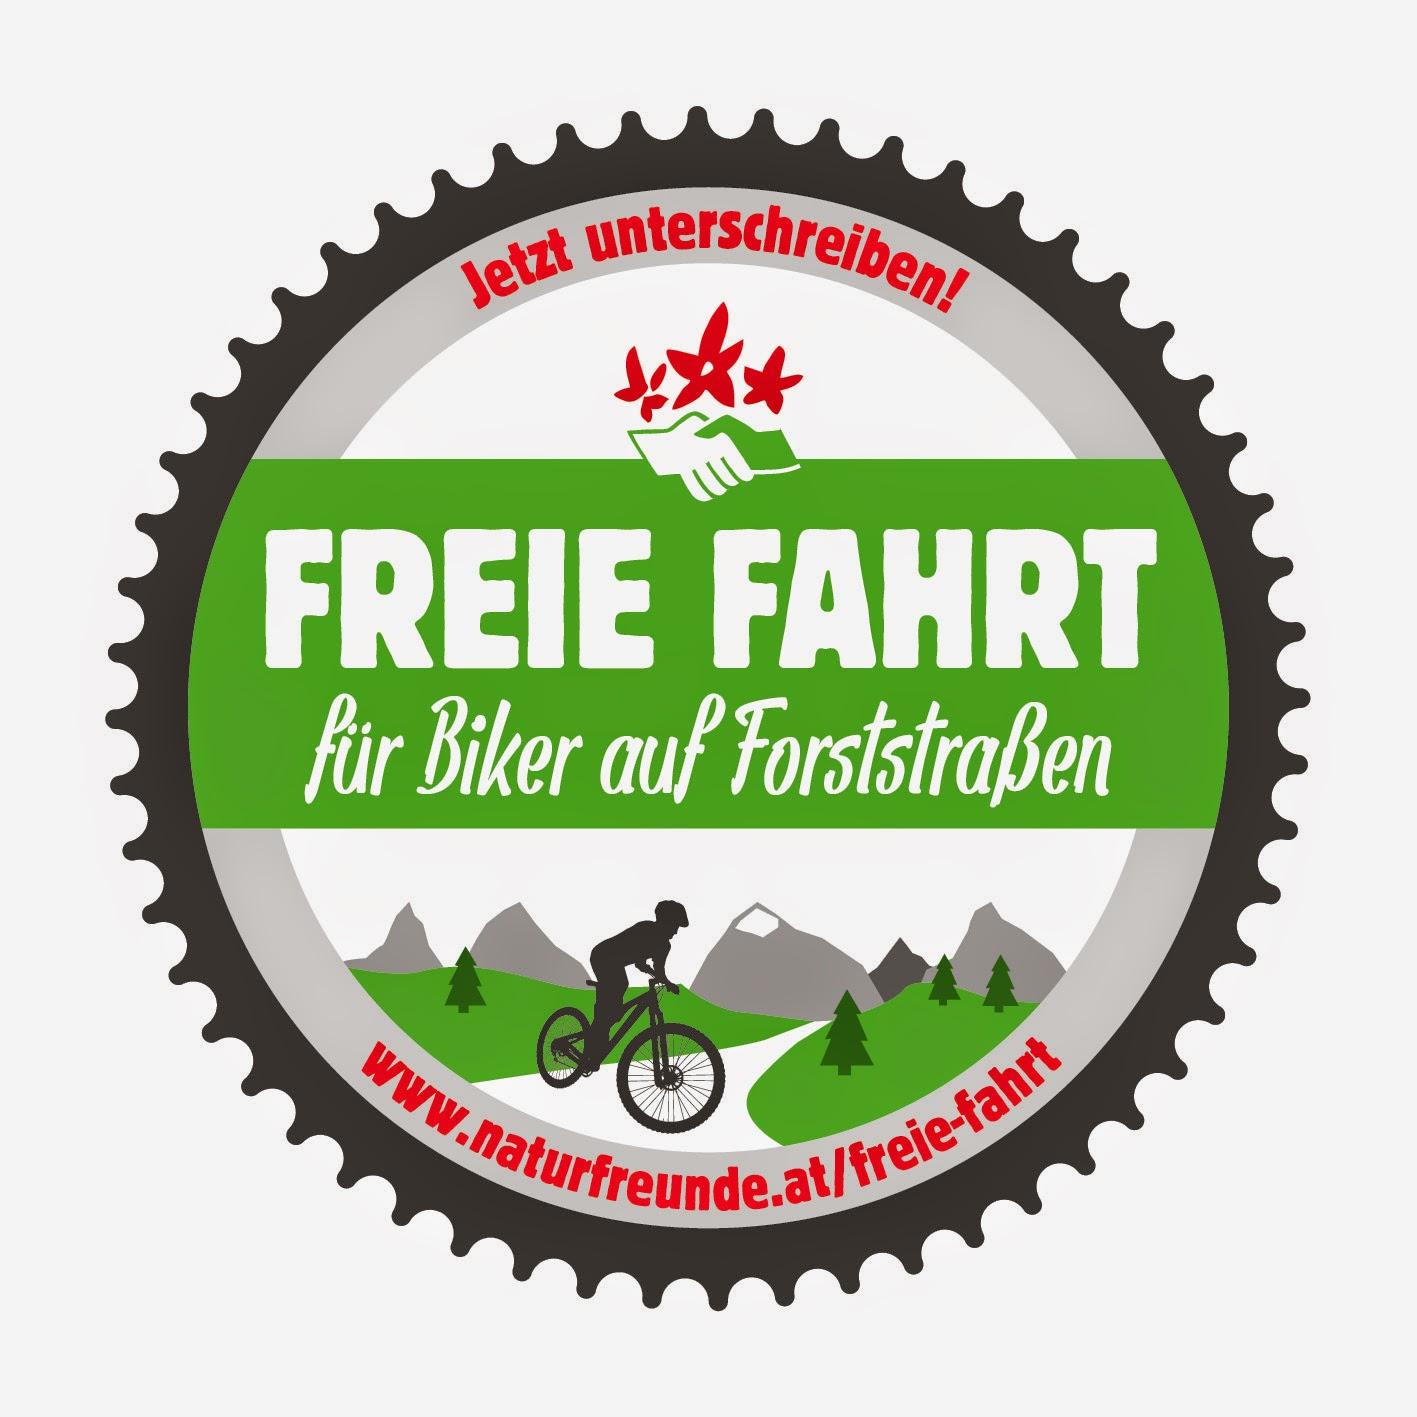 http://www.naturfreunde.at/freie-fahrt